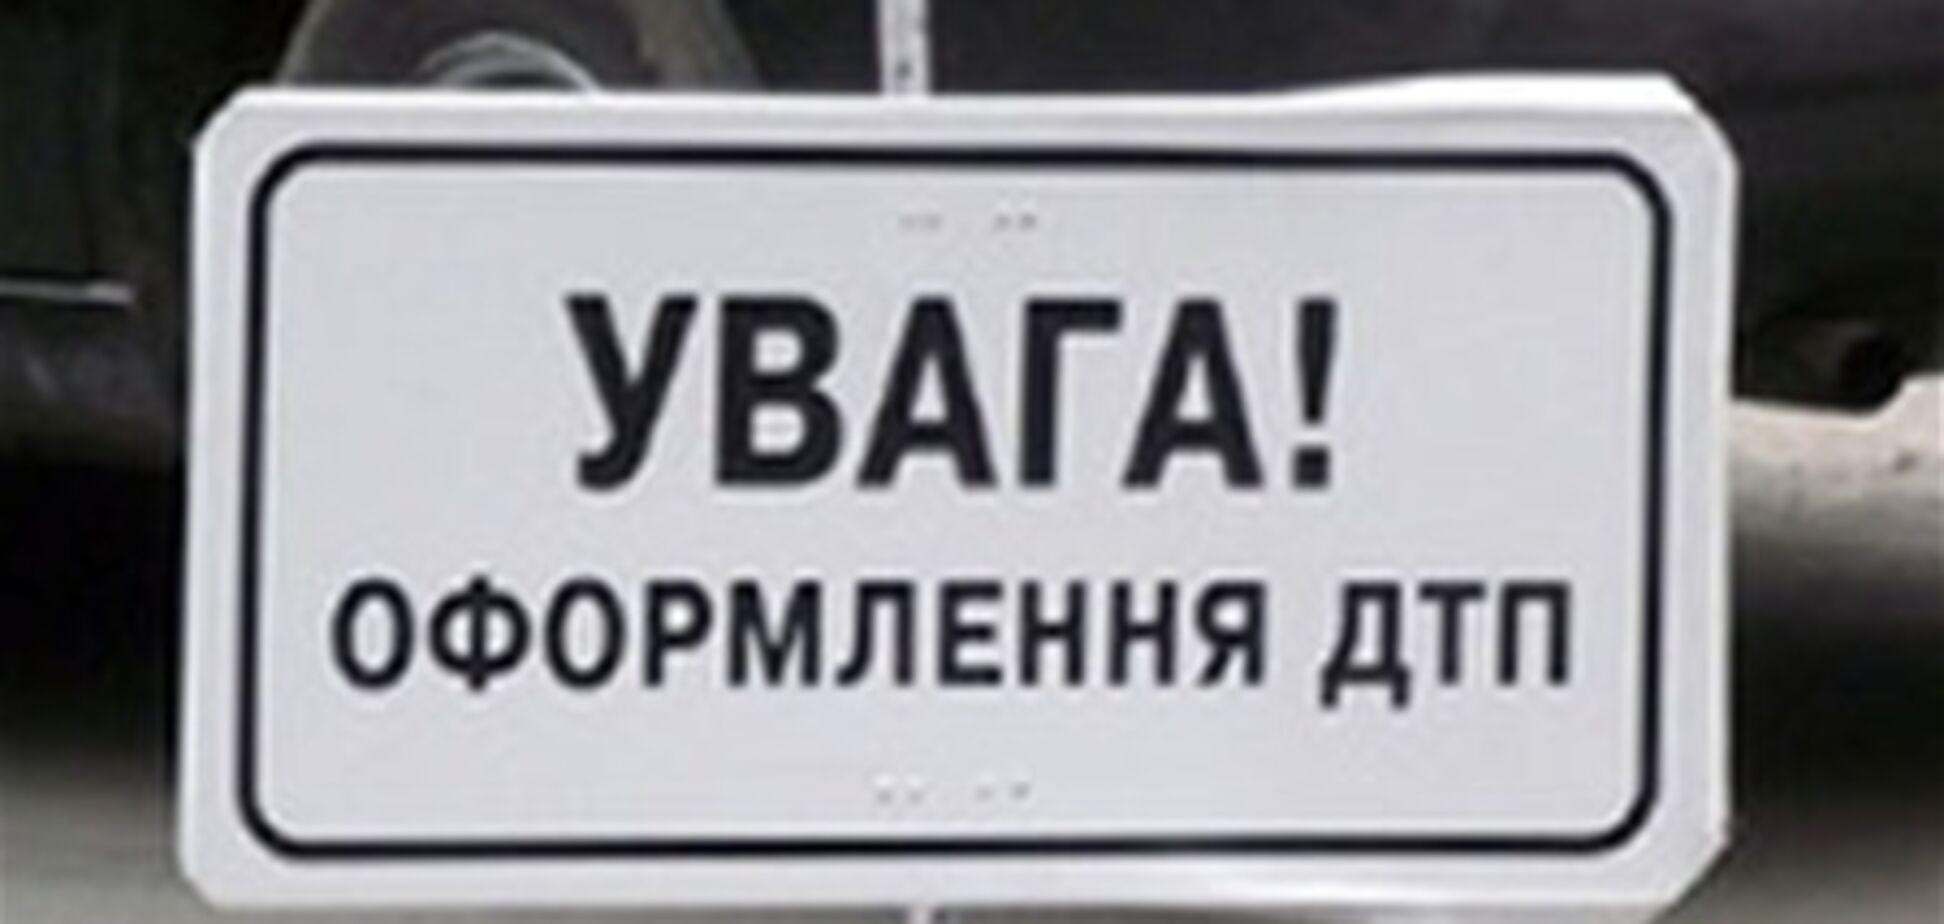 Глава харківського району влаштував масштабне ДТП, в якому загинула людина